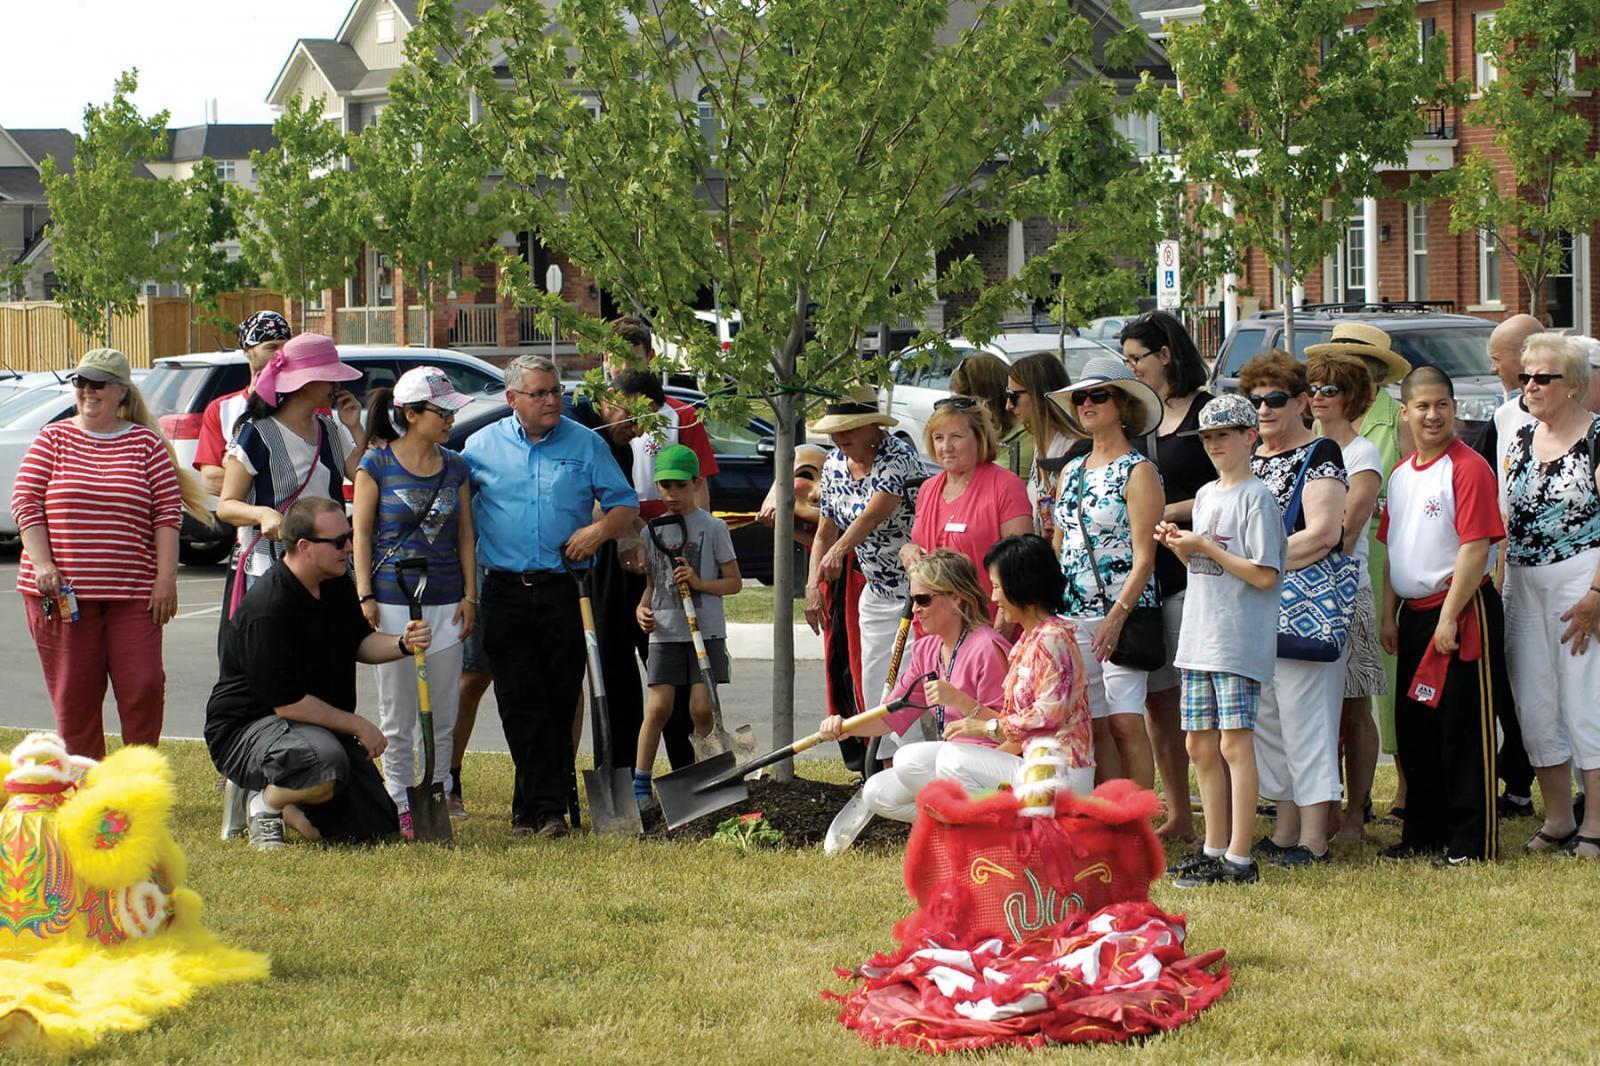 Community groups unite for Garden Days